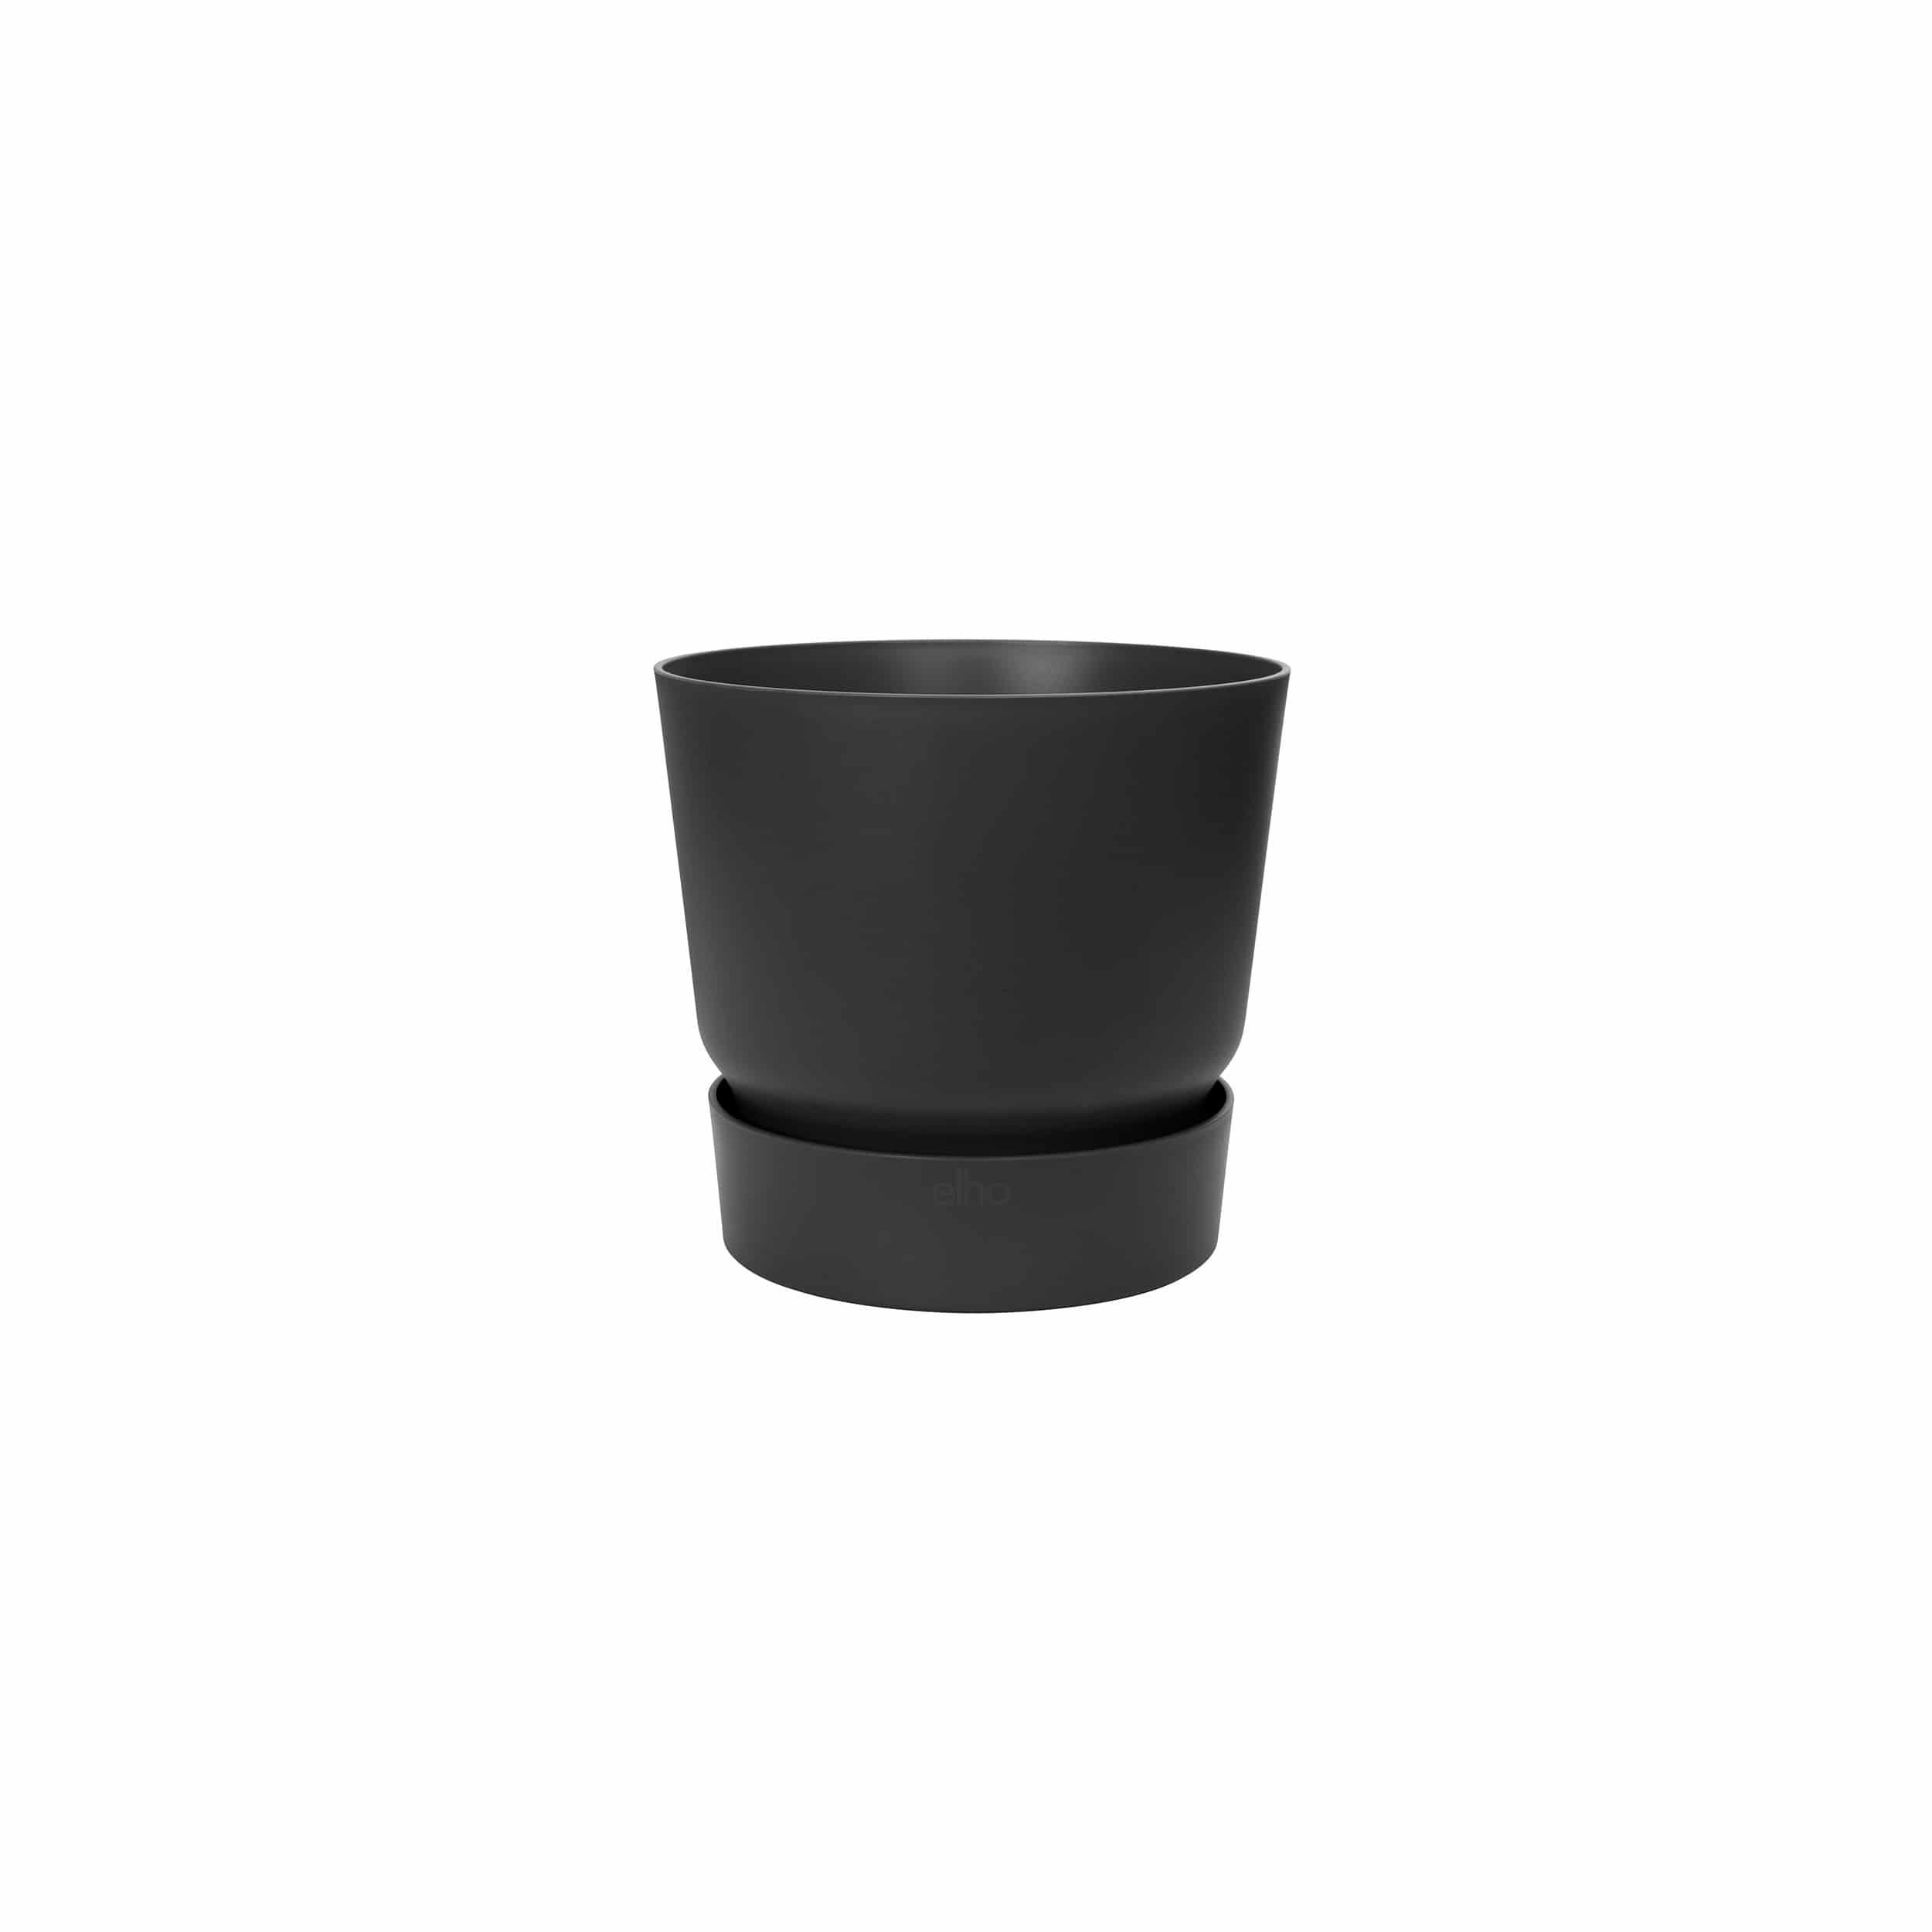 Blumentopf Greenville rund 20 cm lebhaft schwarz